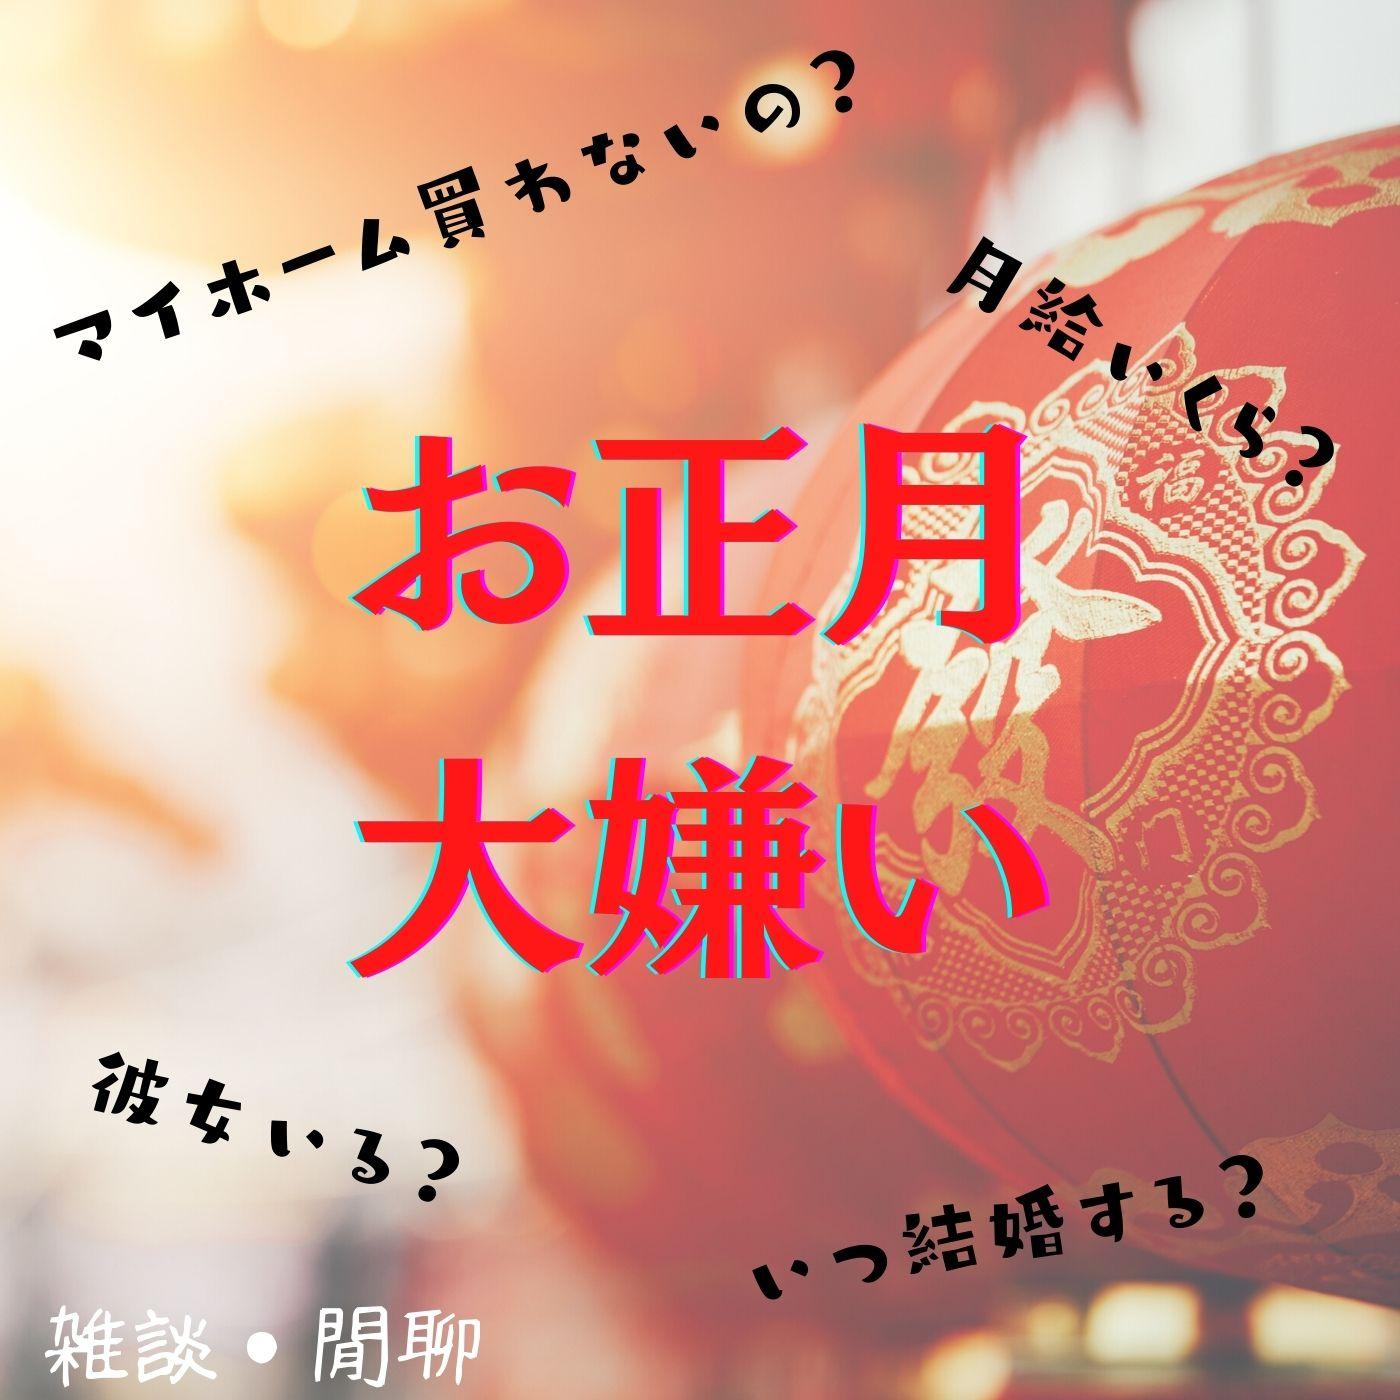 EP15 - (JP)【雑談・閒聊】お正月が大嫌い